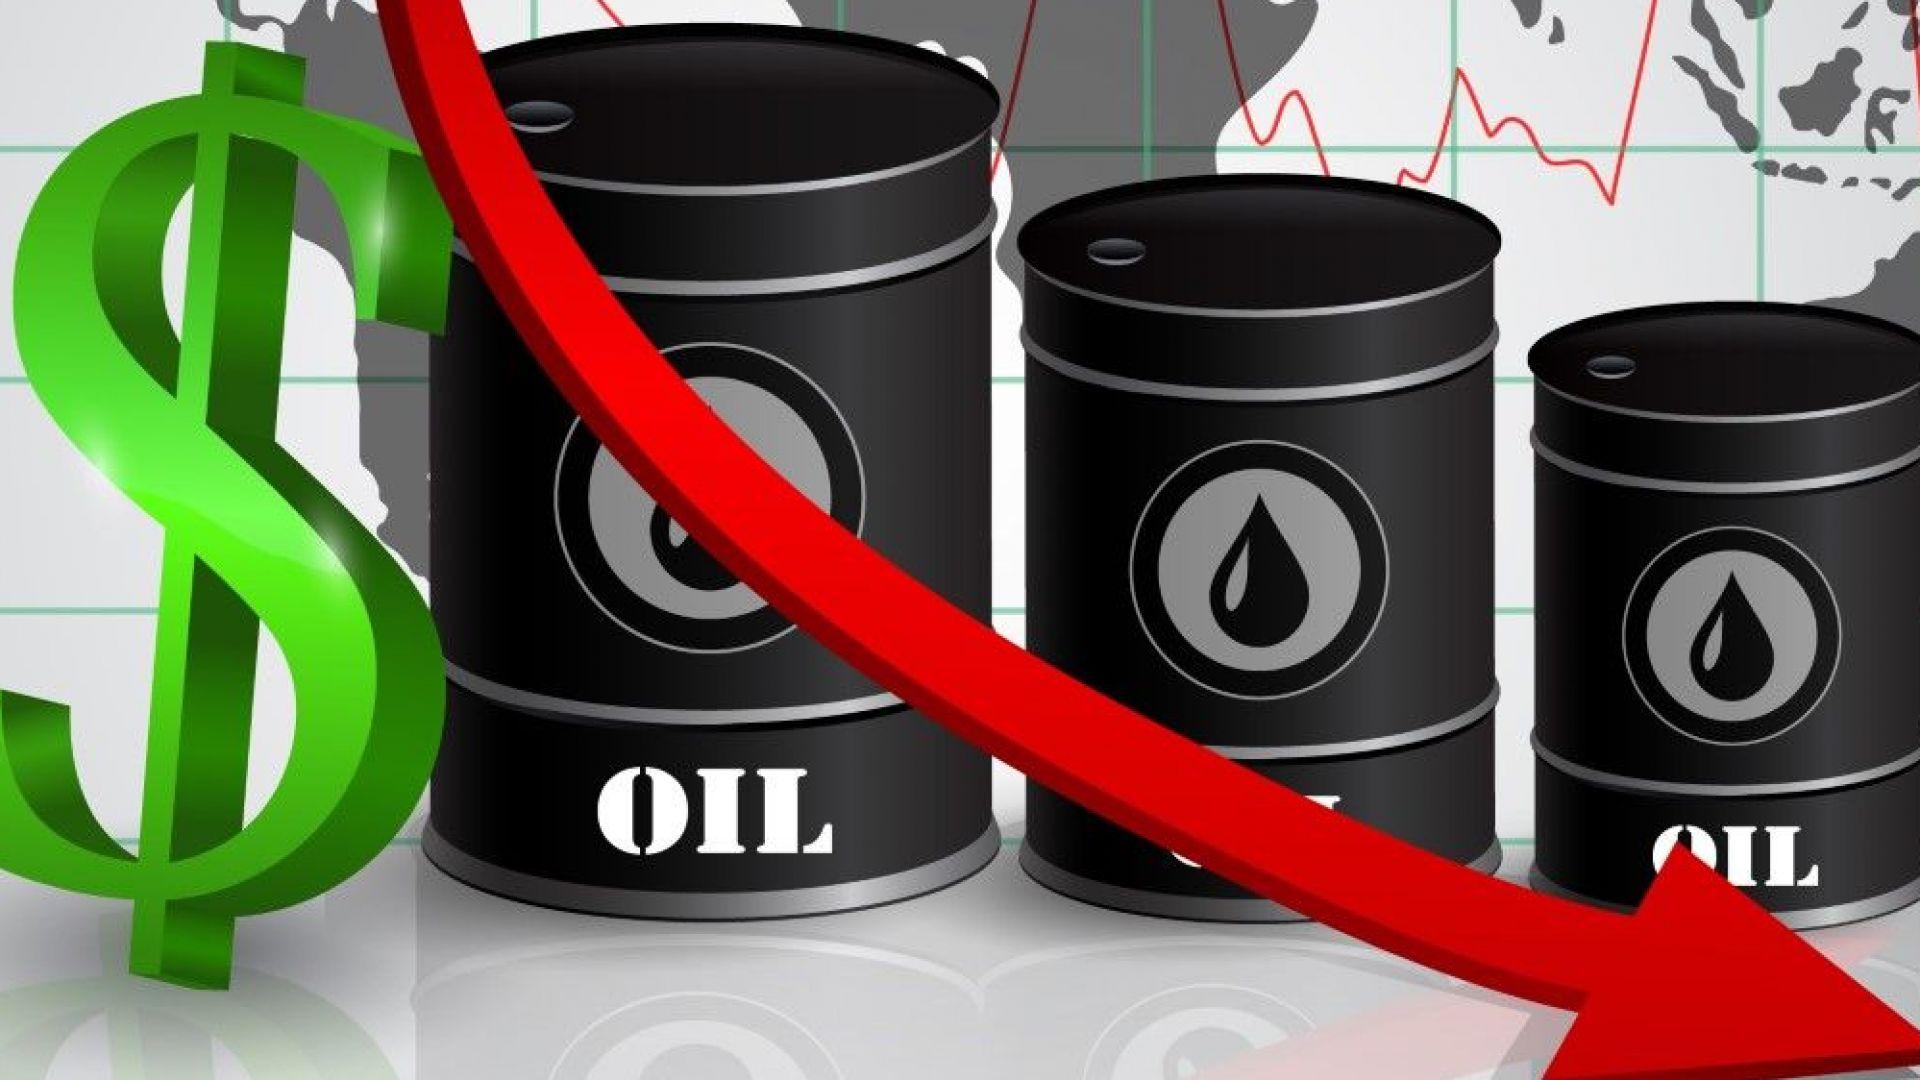 Цената на петрола рухна. Какво се случи?